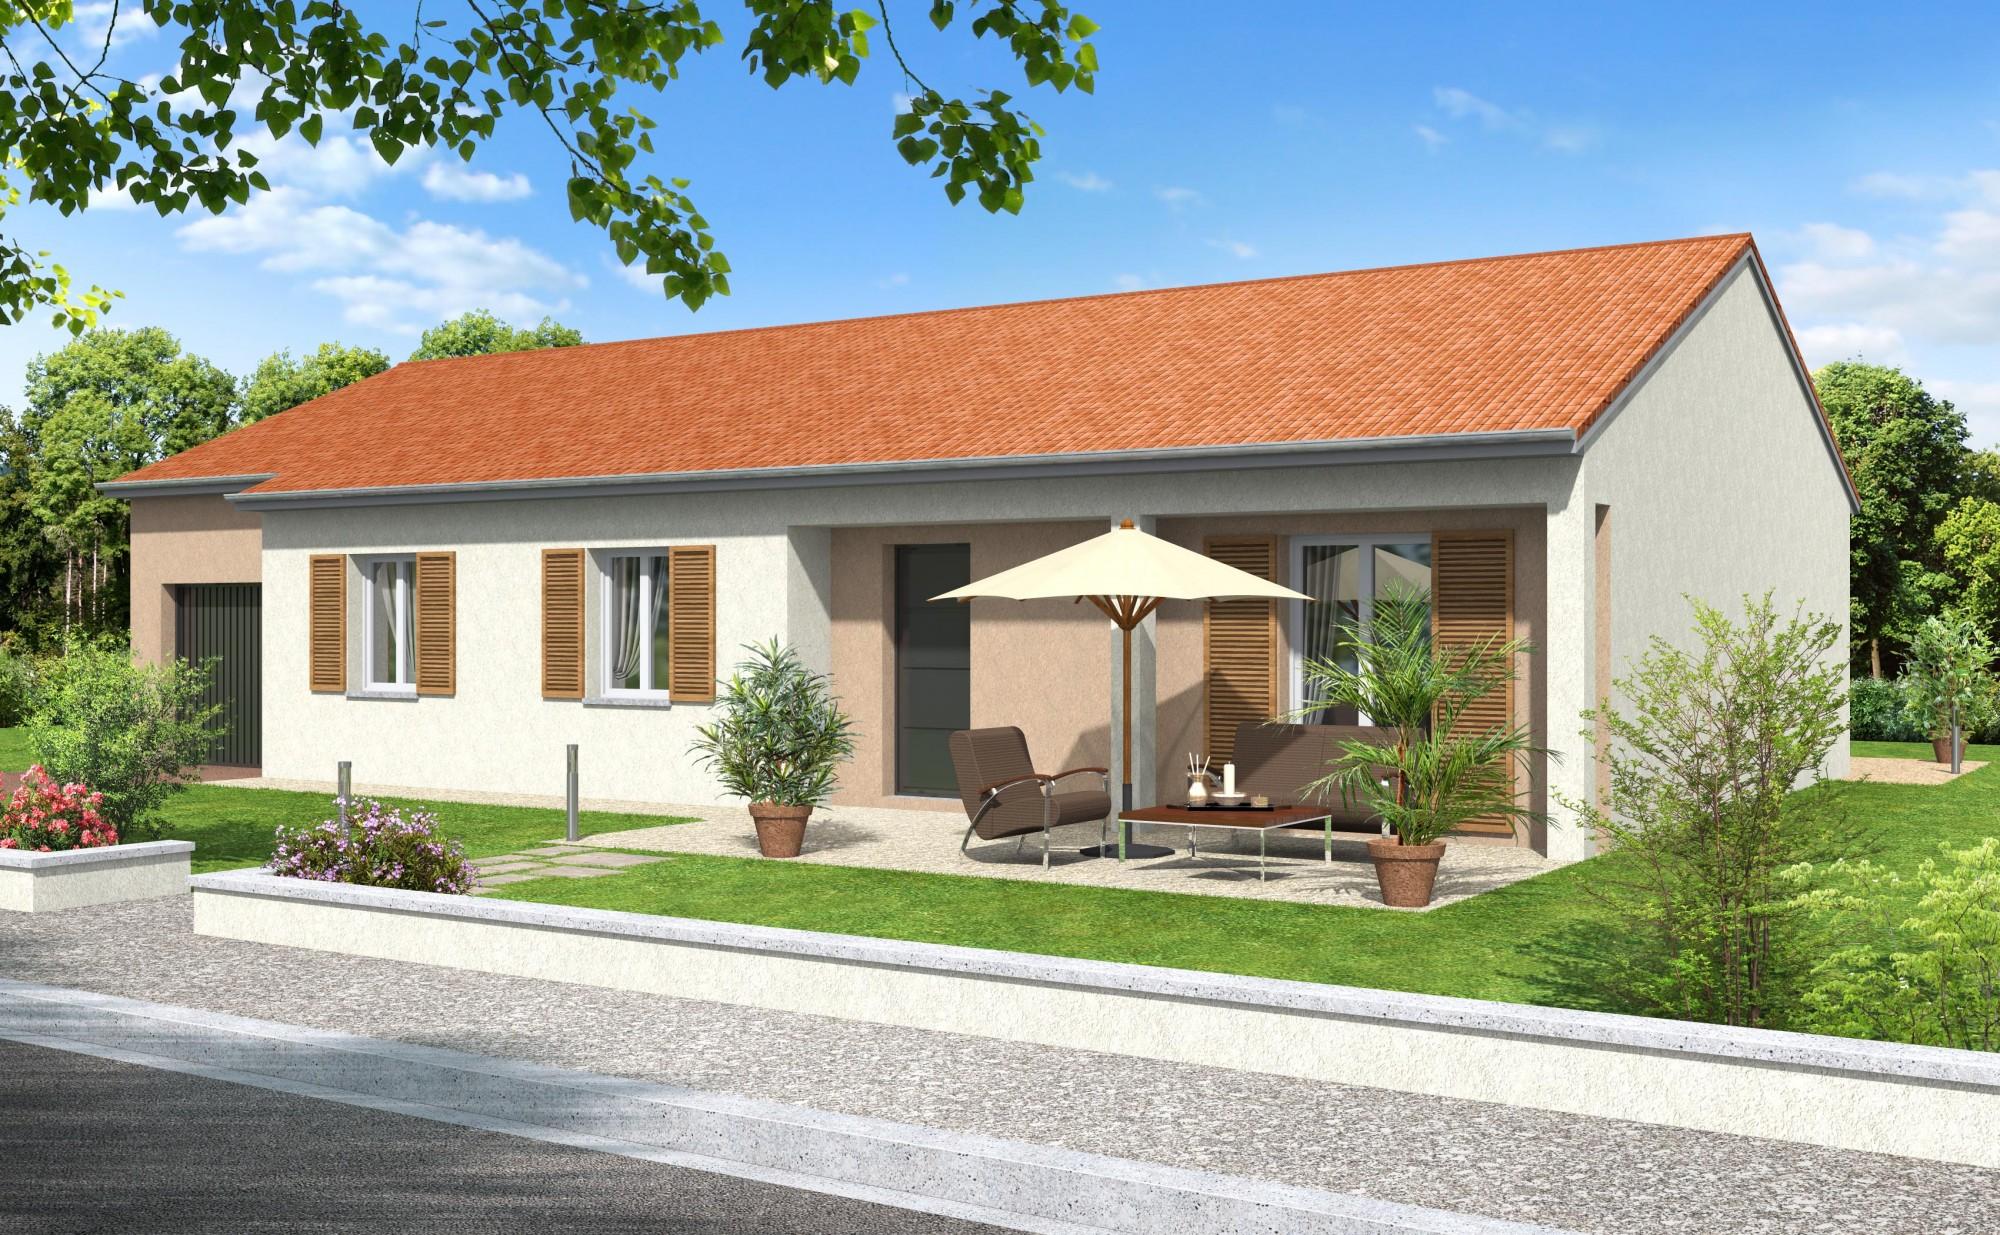 Construire sa maison maison fran ois fabie for Construire une maison individuelle